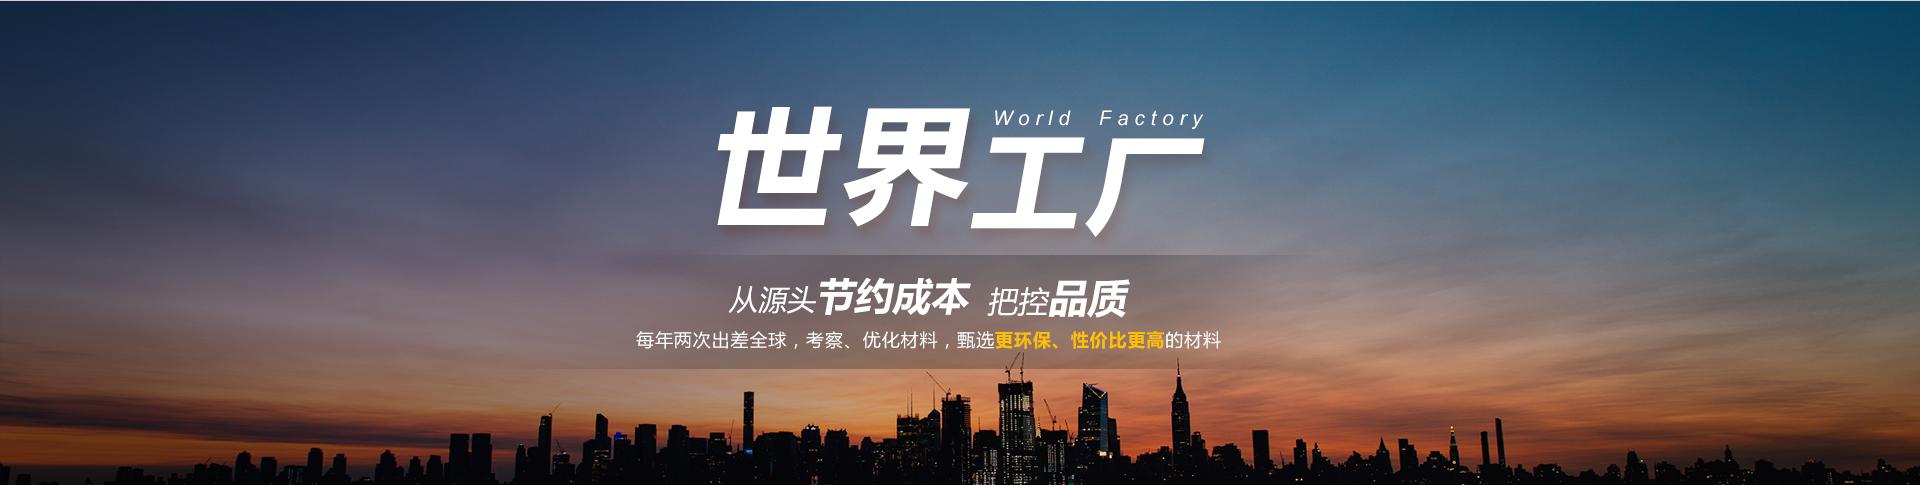 圣都家裝世界工廠,全球直采